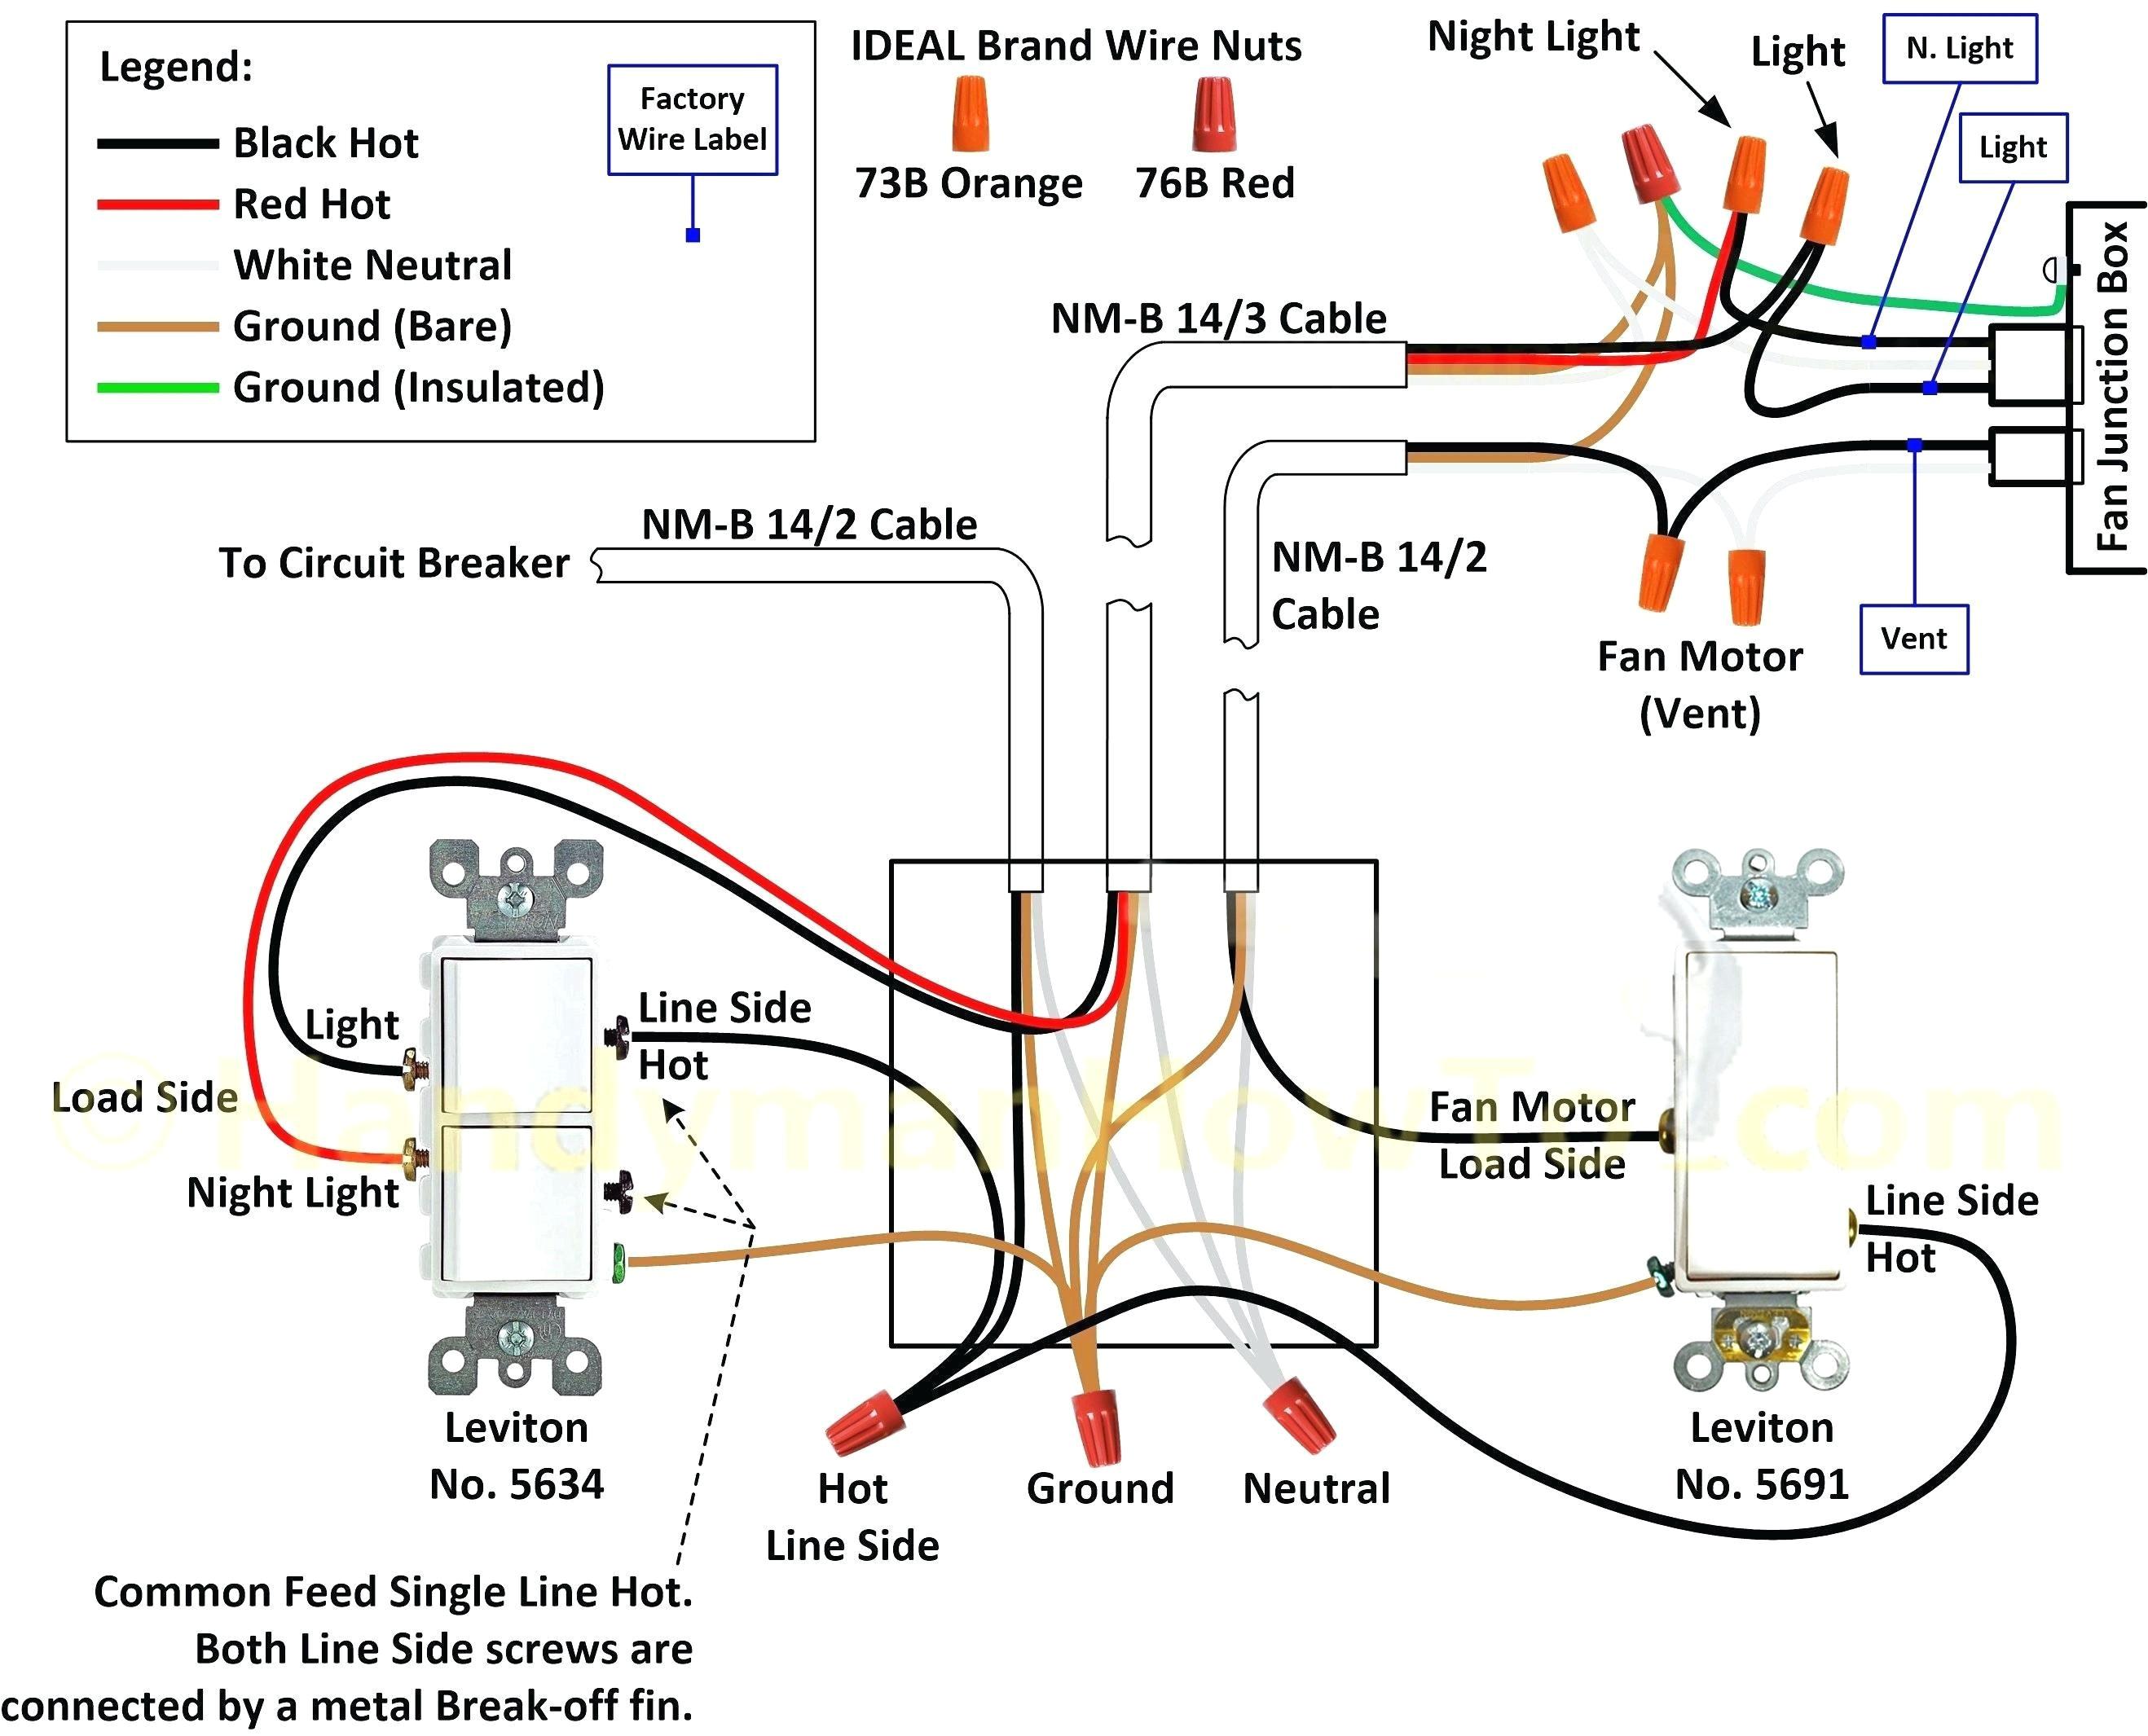 Furnace Blower Motor Wiring Diagram toyota Heater Blower Motor Wiring Diagram Schematic Wiring Diagram